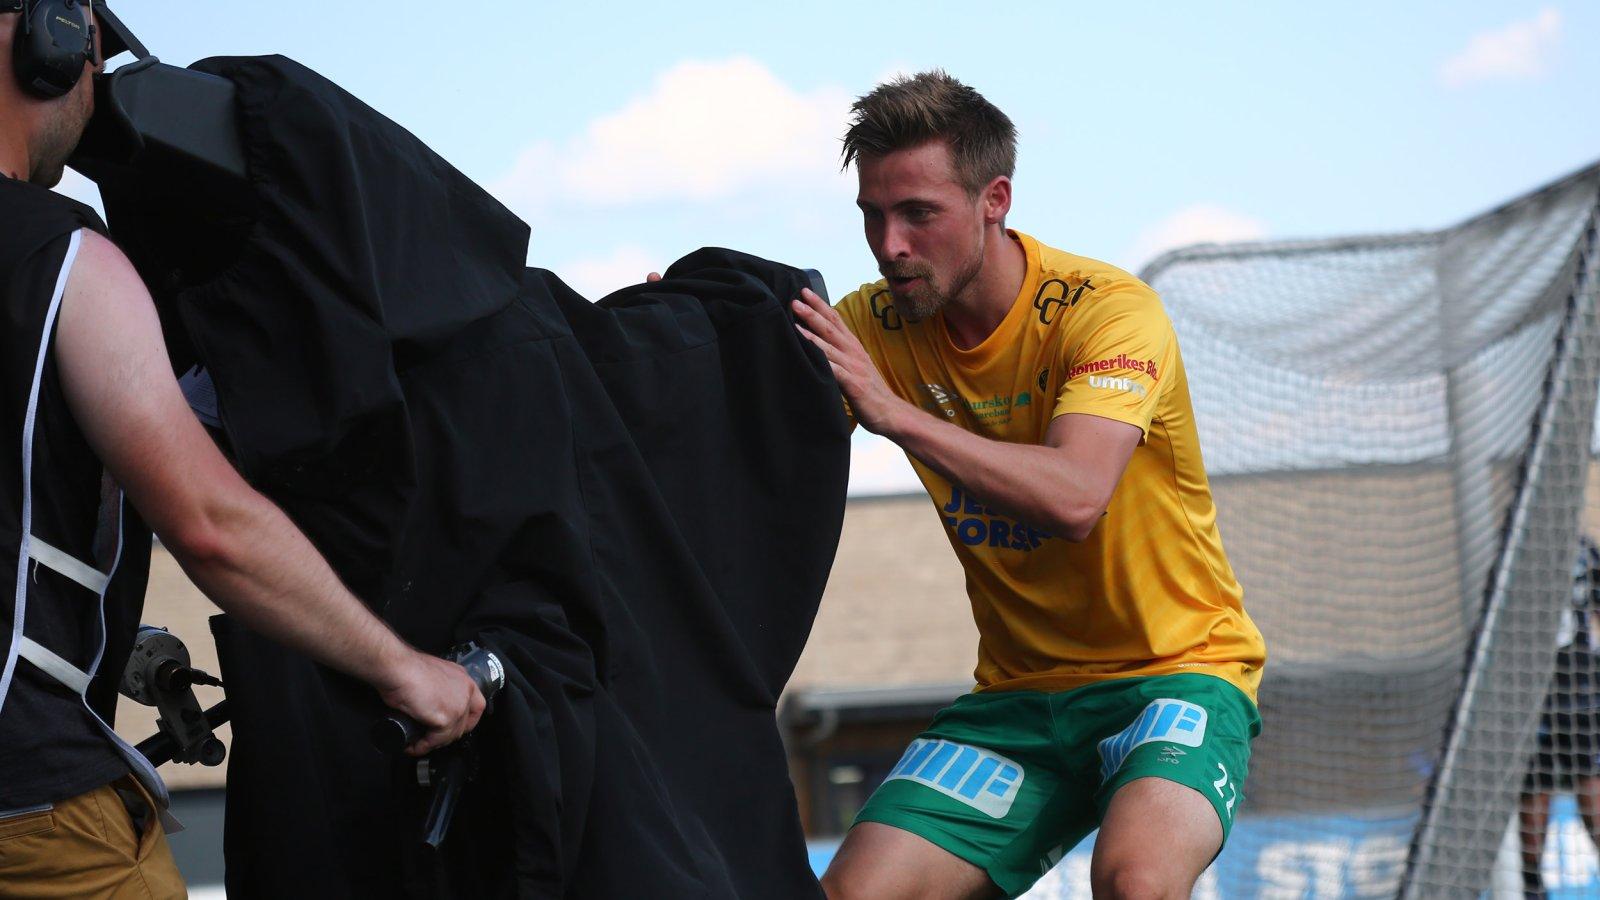 Nicolay Solberg leverte en utradisjonell feiring etter sitt 3-0-mål hjemme mot Tromsdalen. FOTO: Bjørn Hytjanstorp